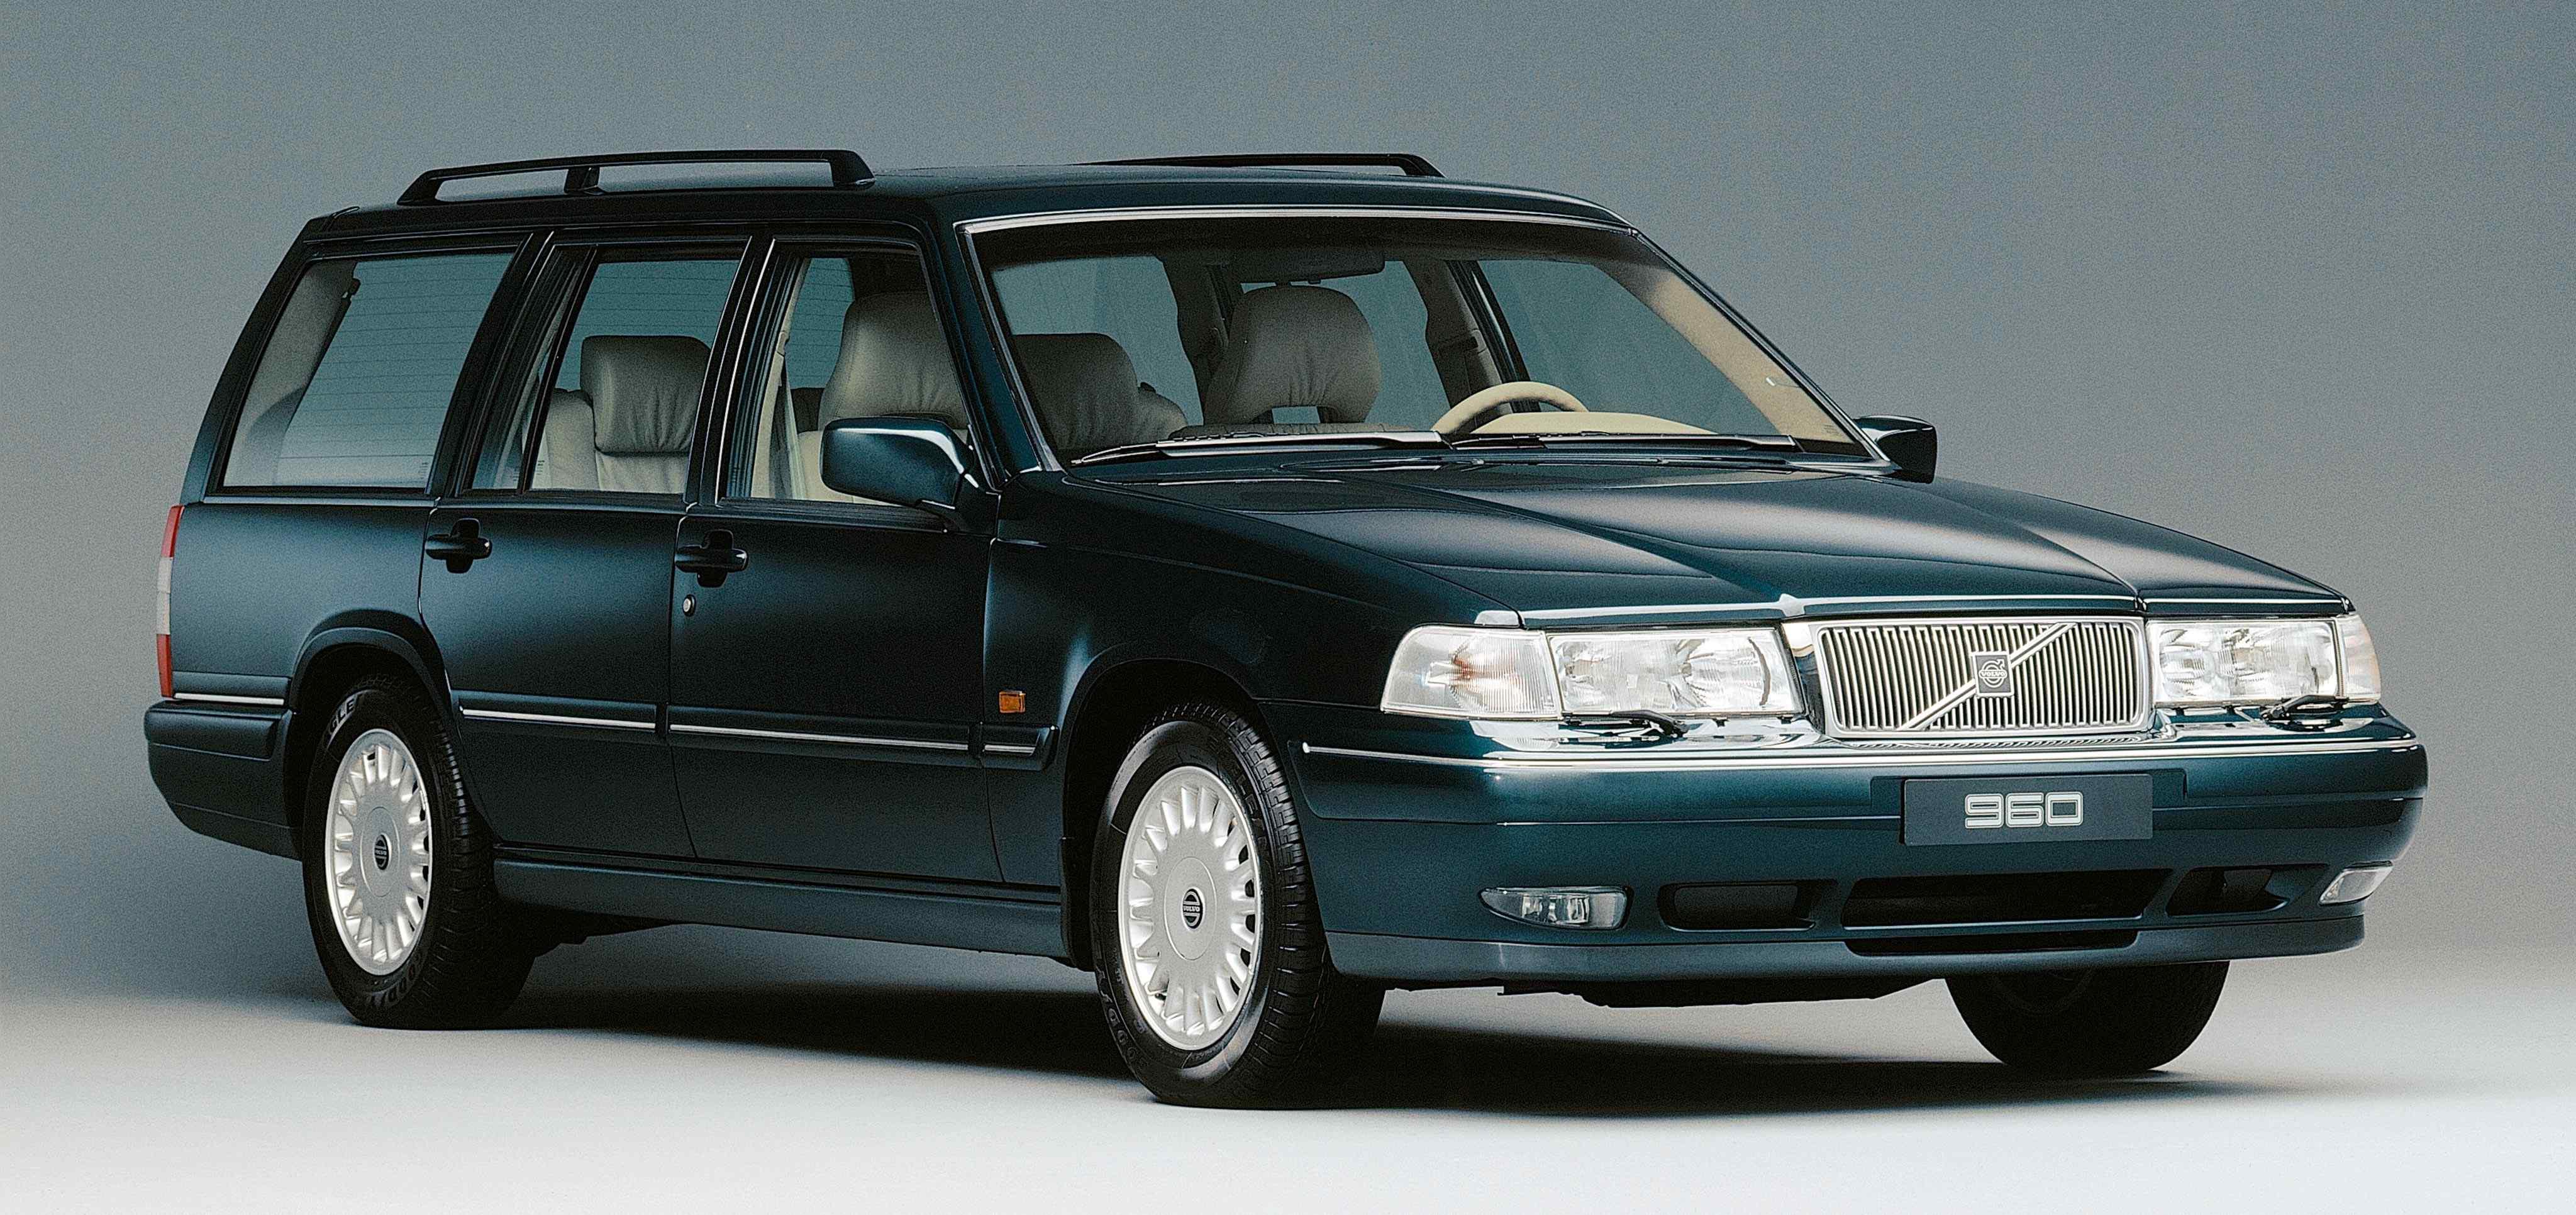 Un Volvo 960 estate de color verde oscuro en un estudio